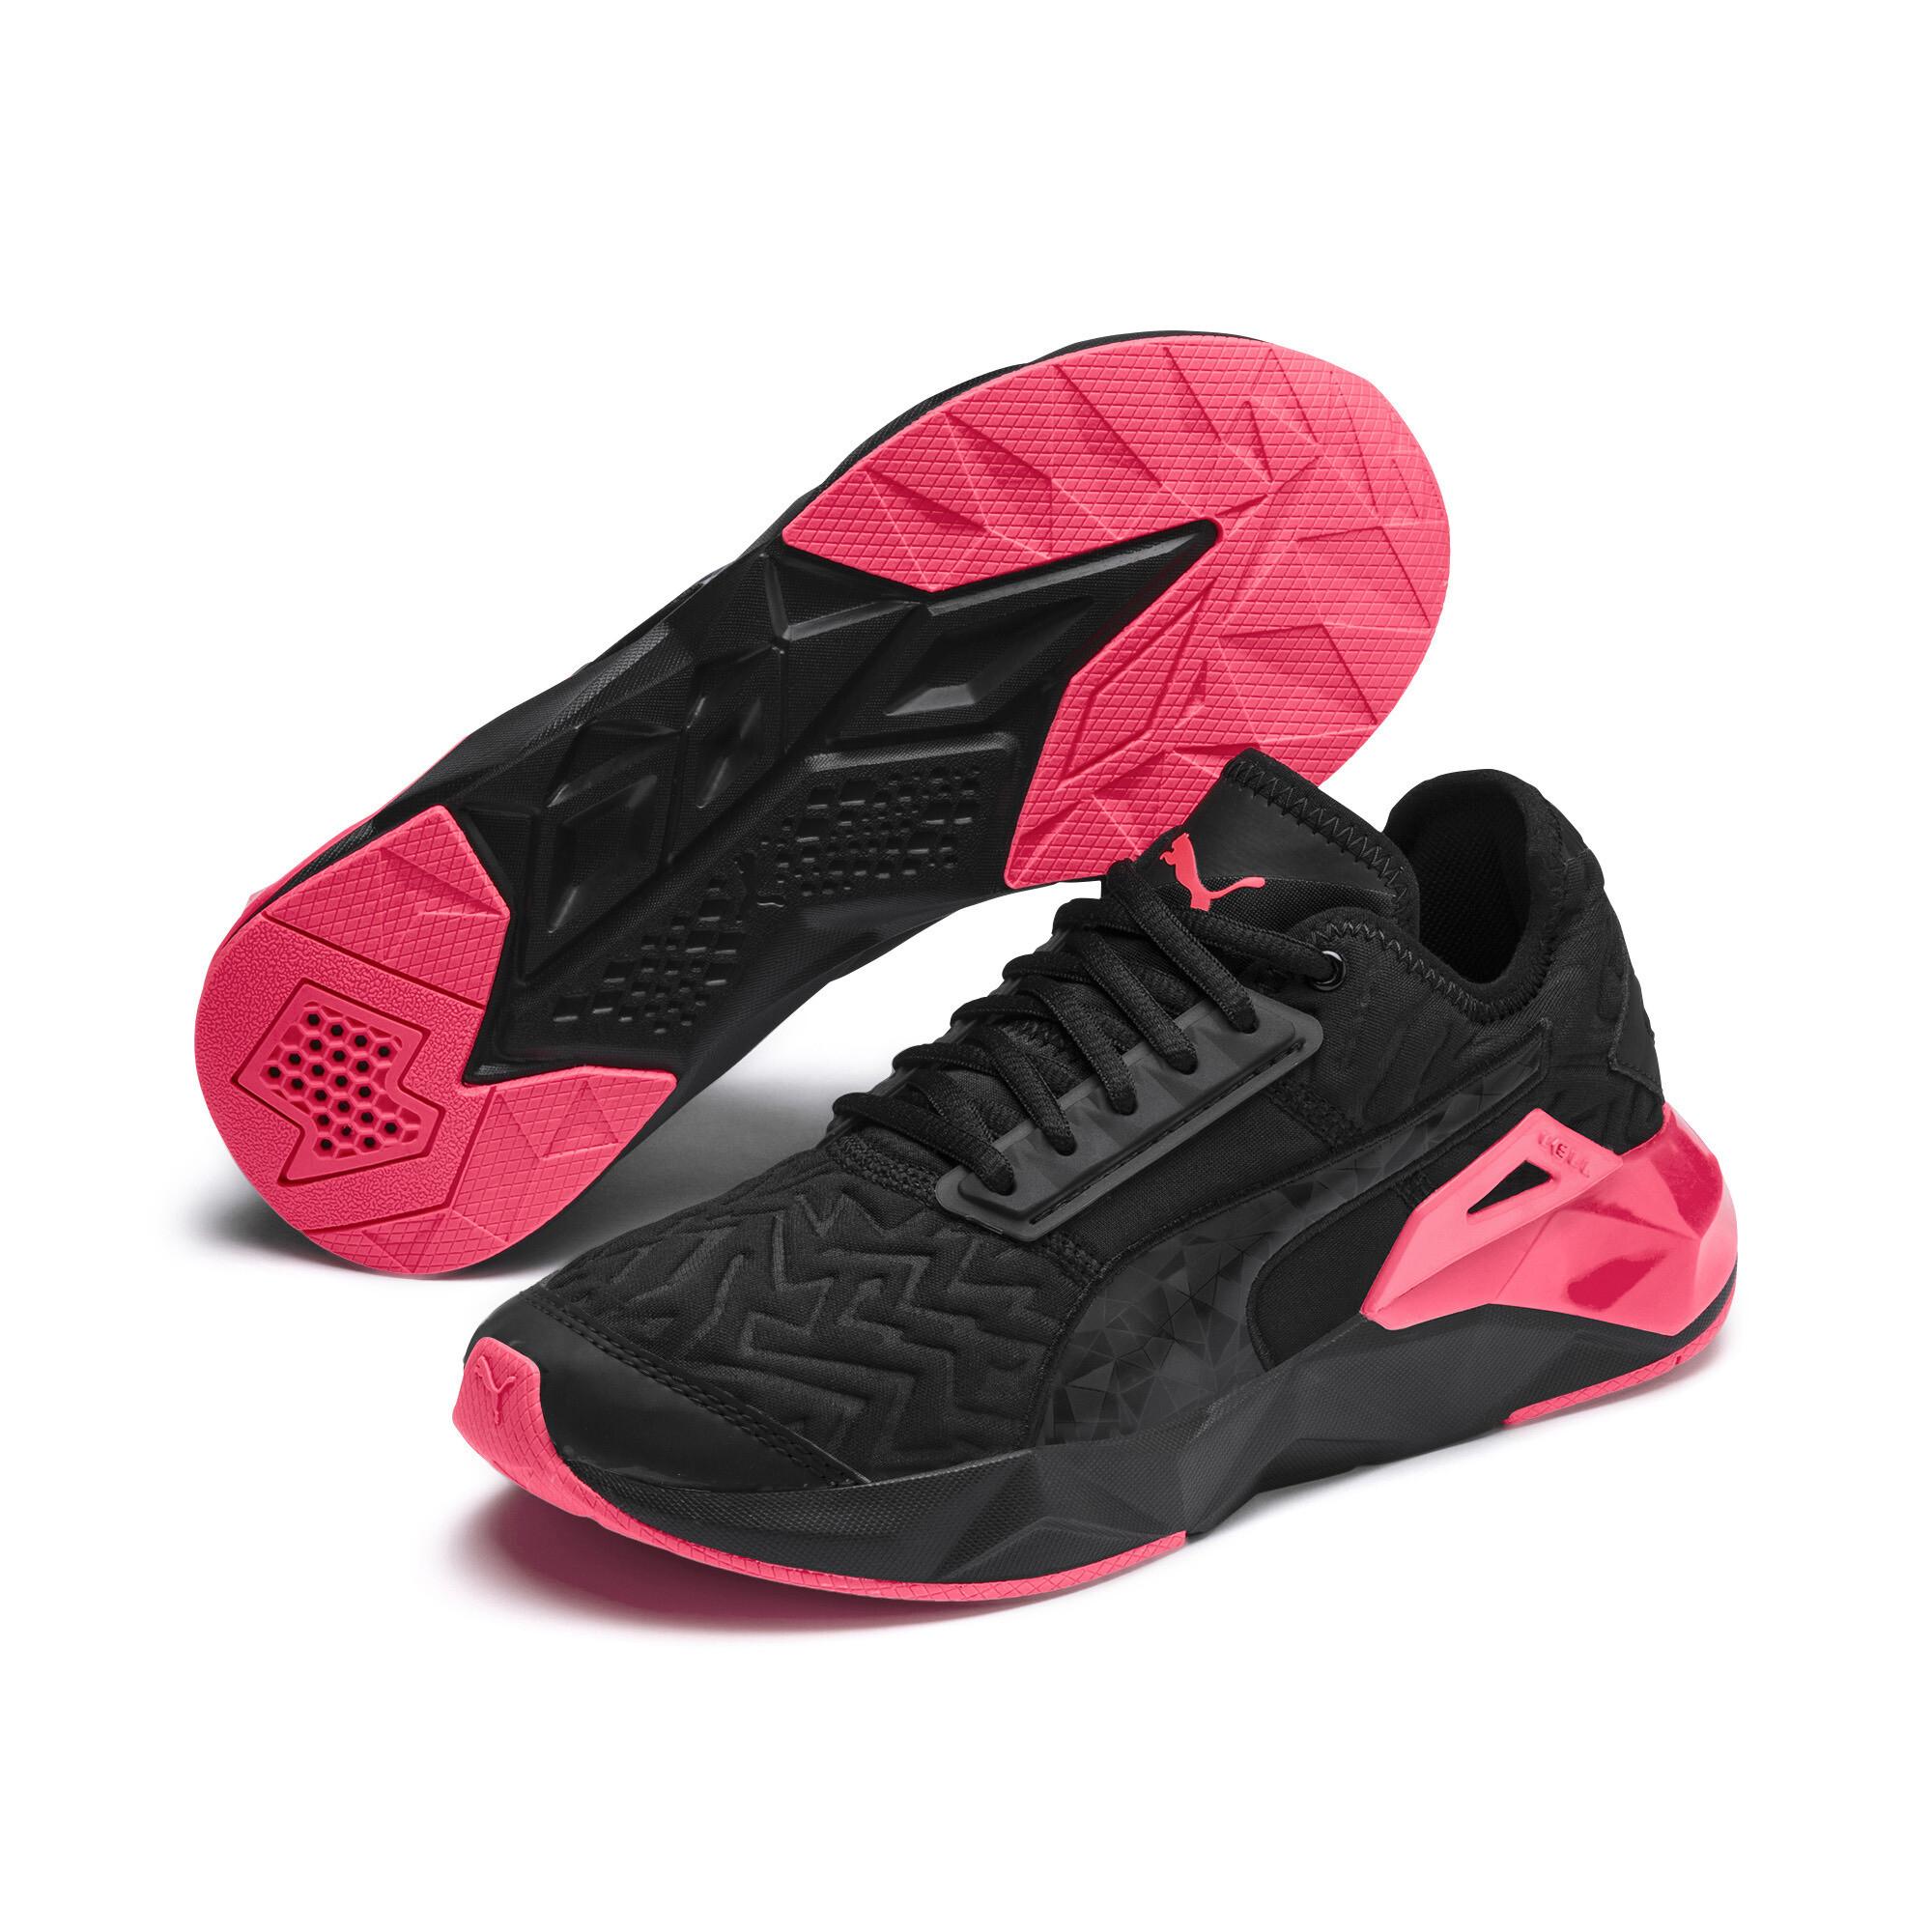 Schuhe Cali Fluo Pack W